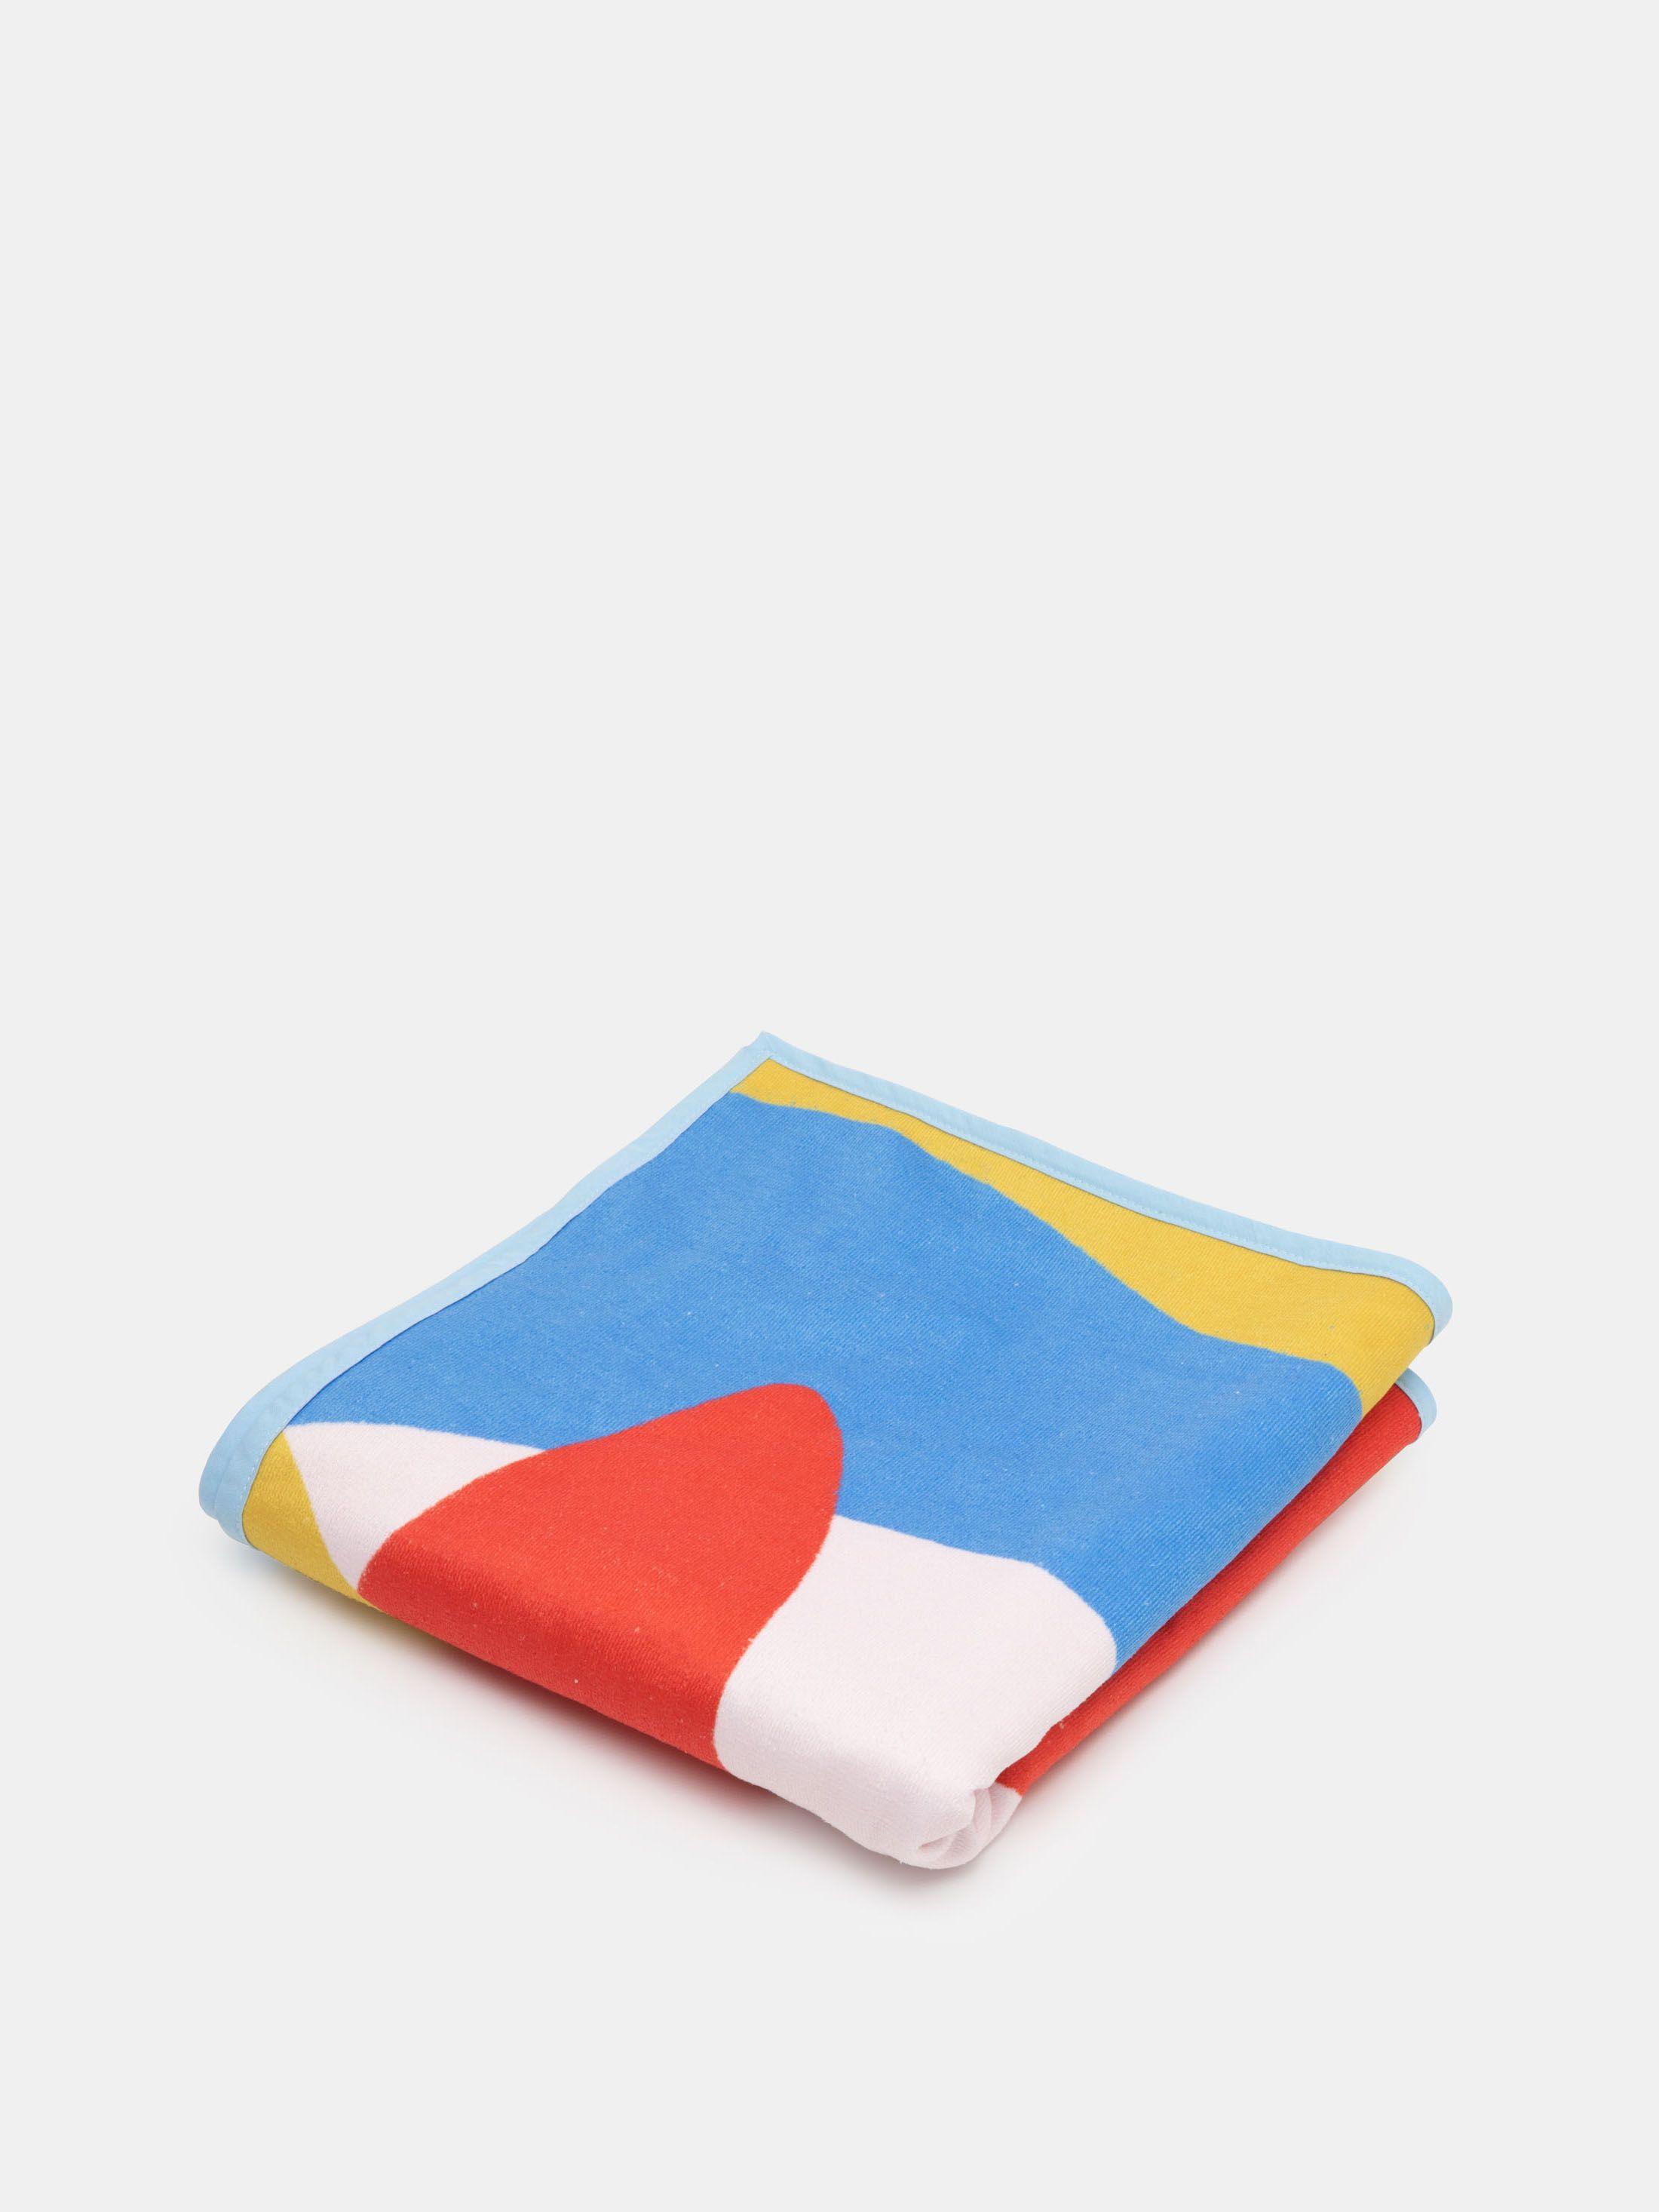 opzioni di bordo degli asciugamani bagno personalizzati